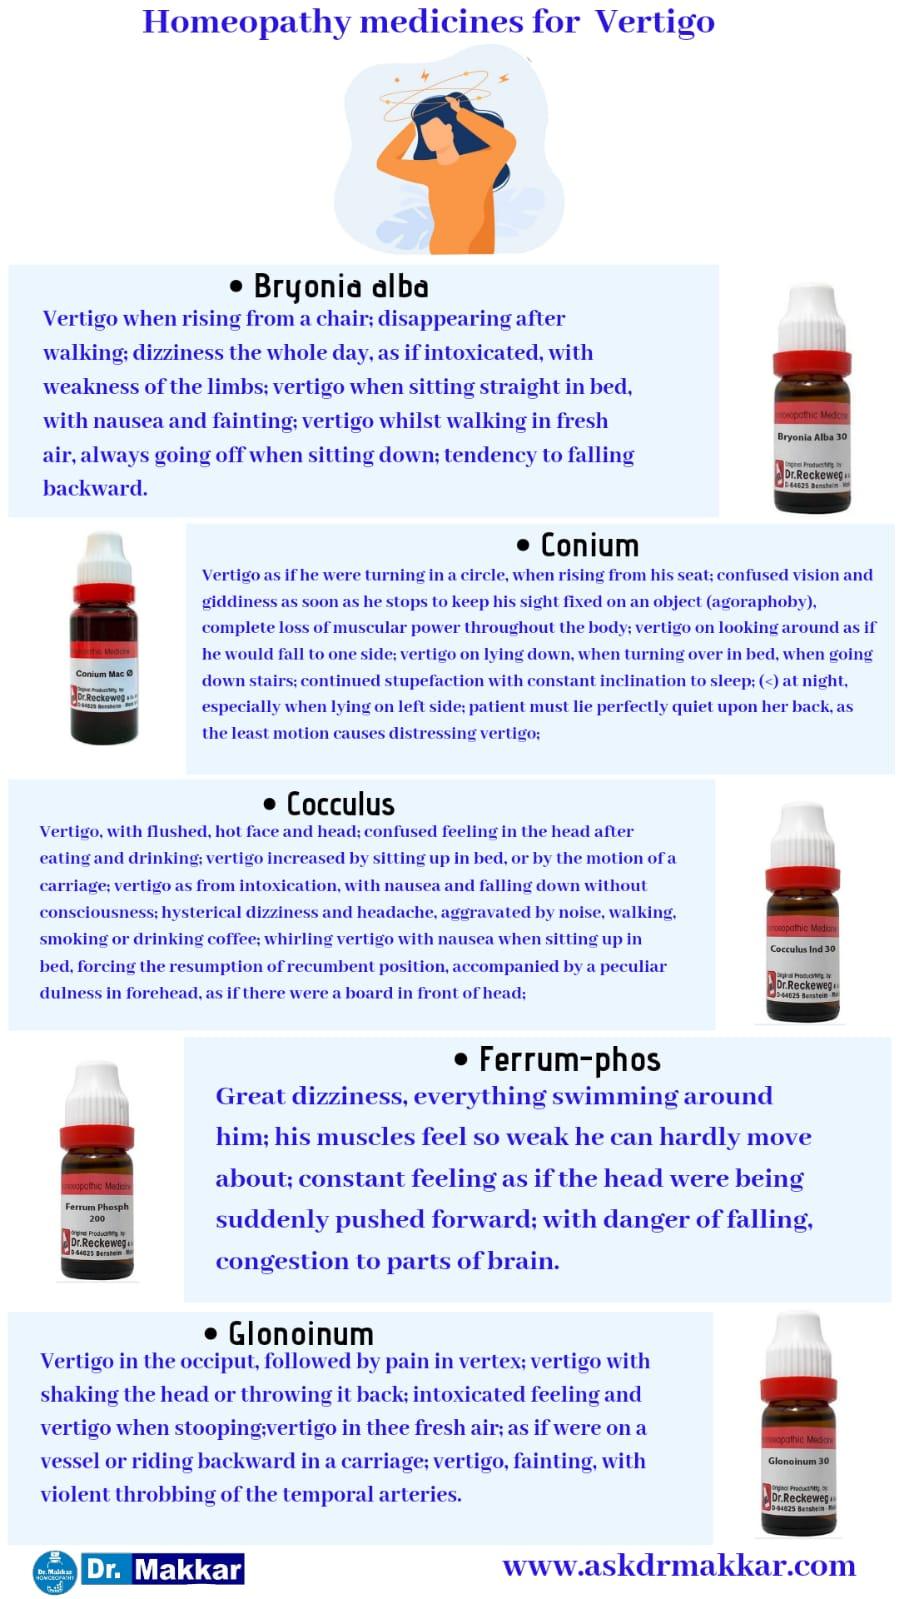 Best Homeopathic Medicine for Vertigo lead to cure by remedies ||  सिर का चक्कर की होम्योपैथिक  दवा   के साथ ट्रीटमेंट बेस्ट होम्योपैथिक इलाज